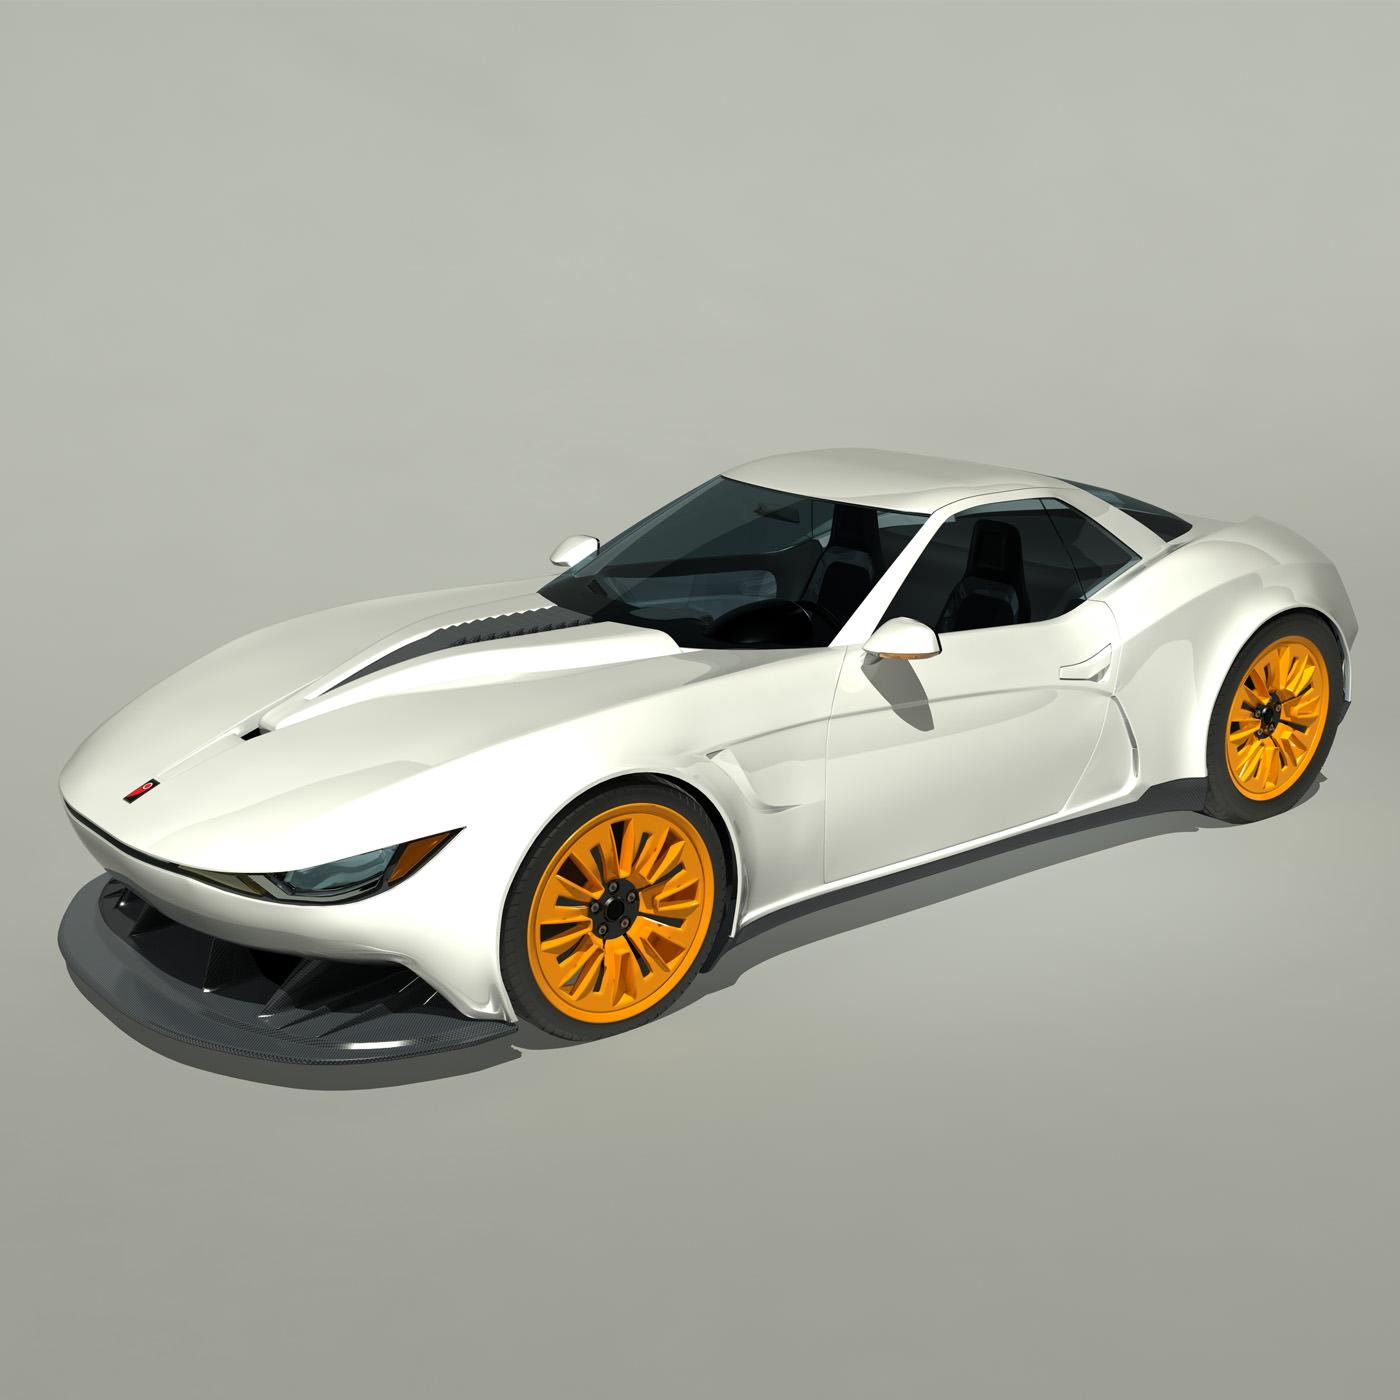 2013 Kukhri GT Concept Sports Car 3D Model MAX